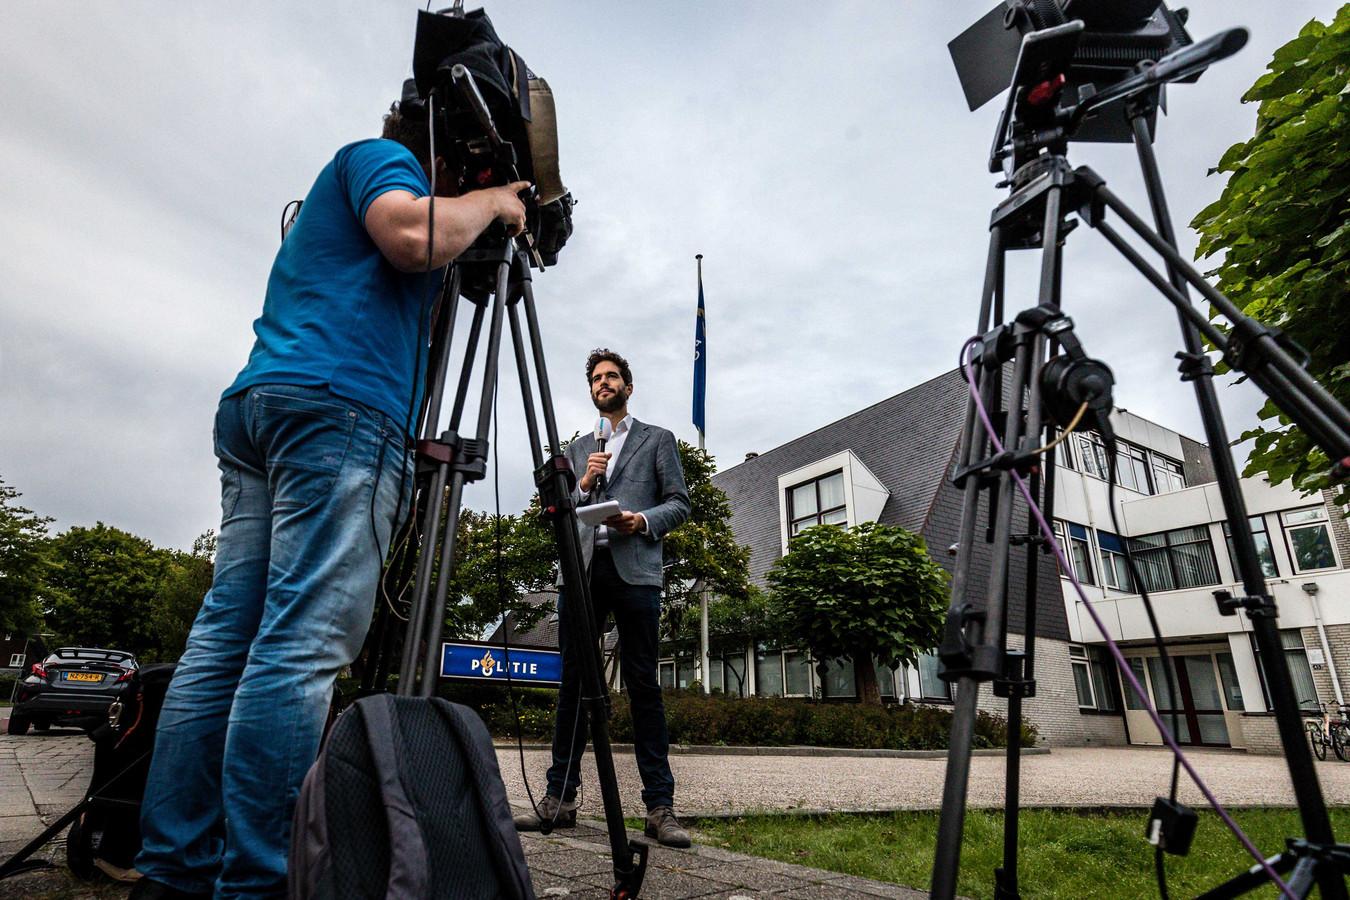 Media bij het politiebureau in Wijchen voor Lili en Howick.